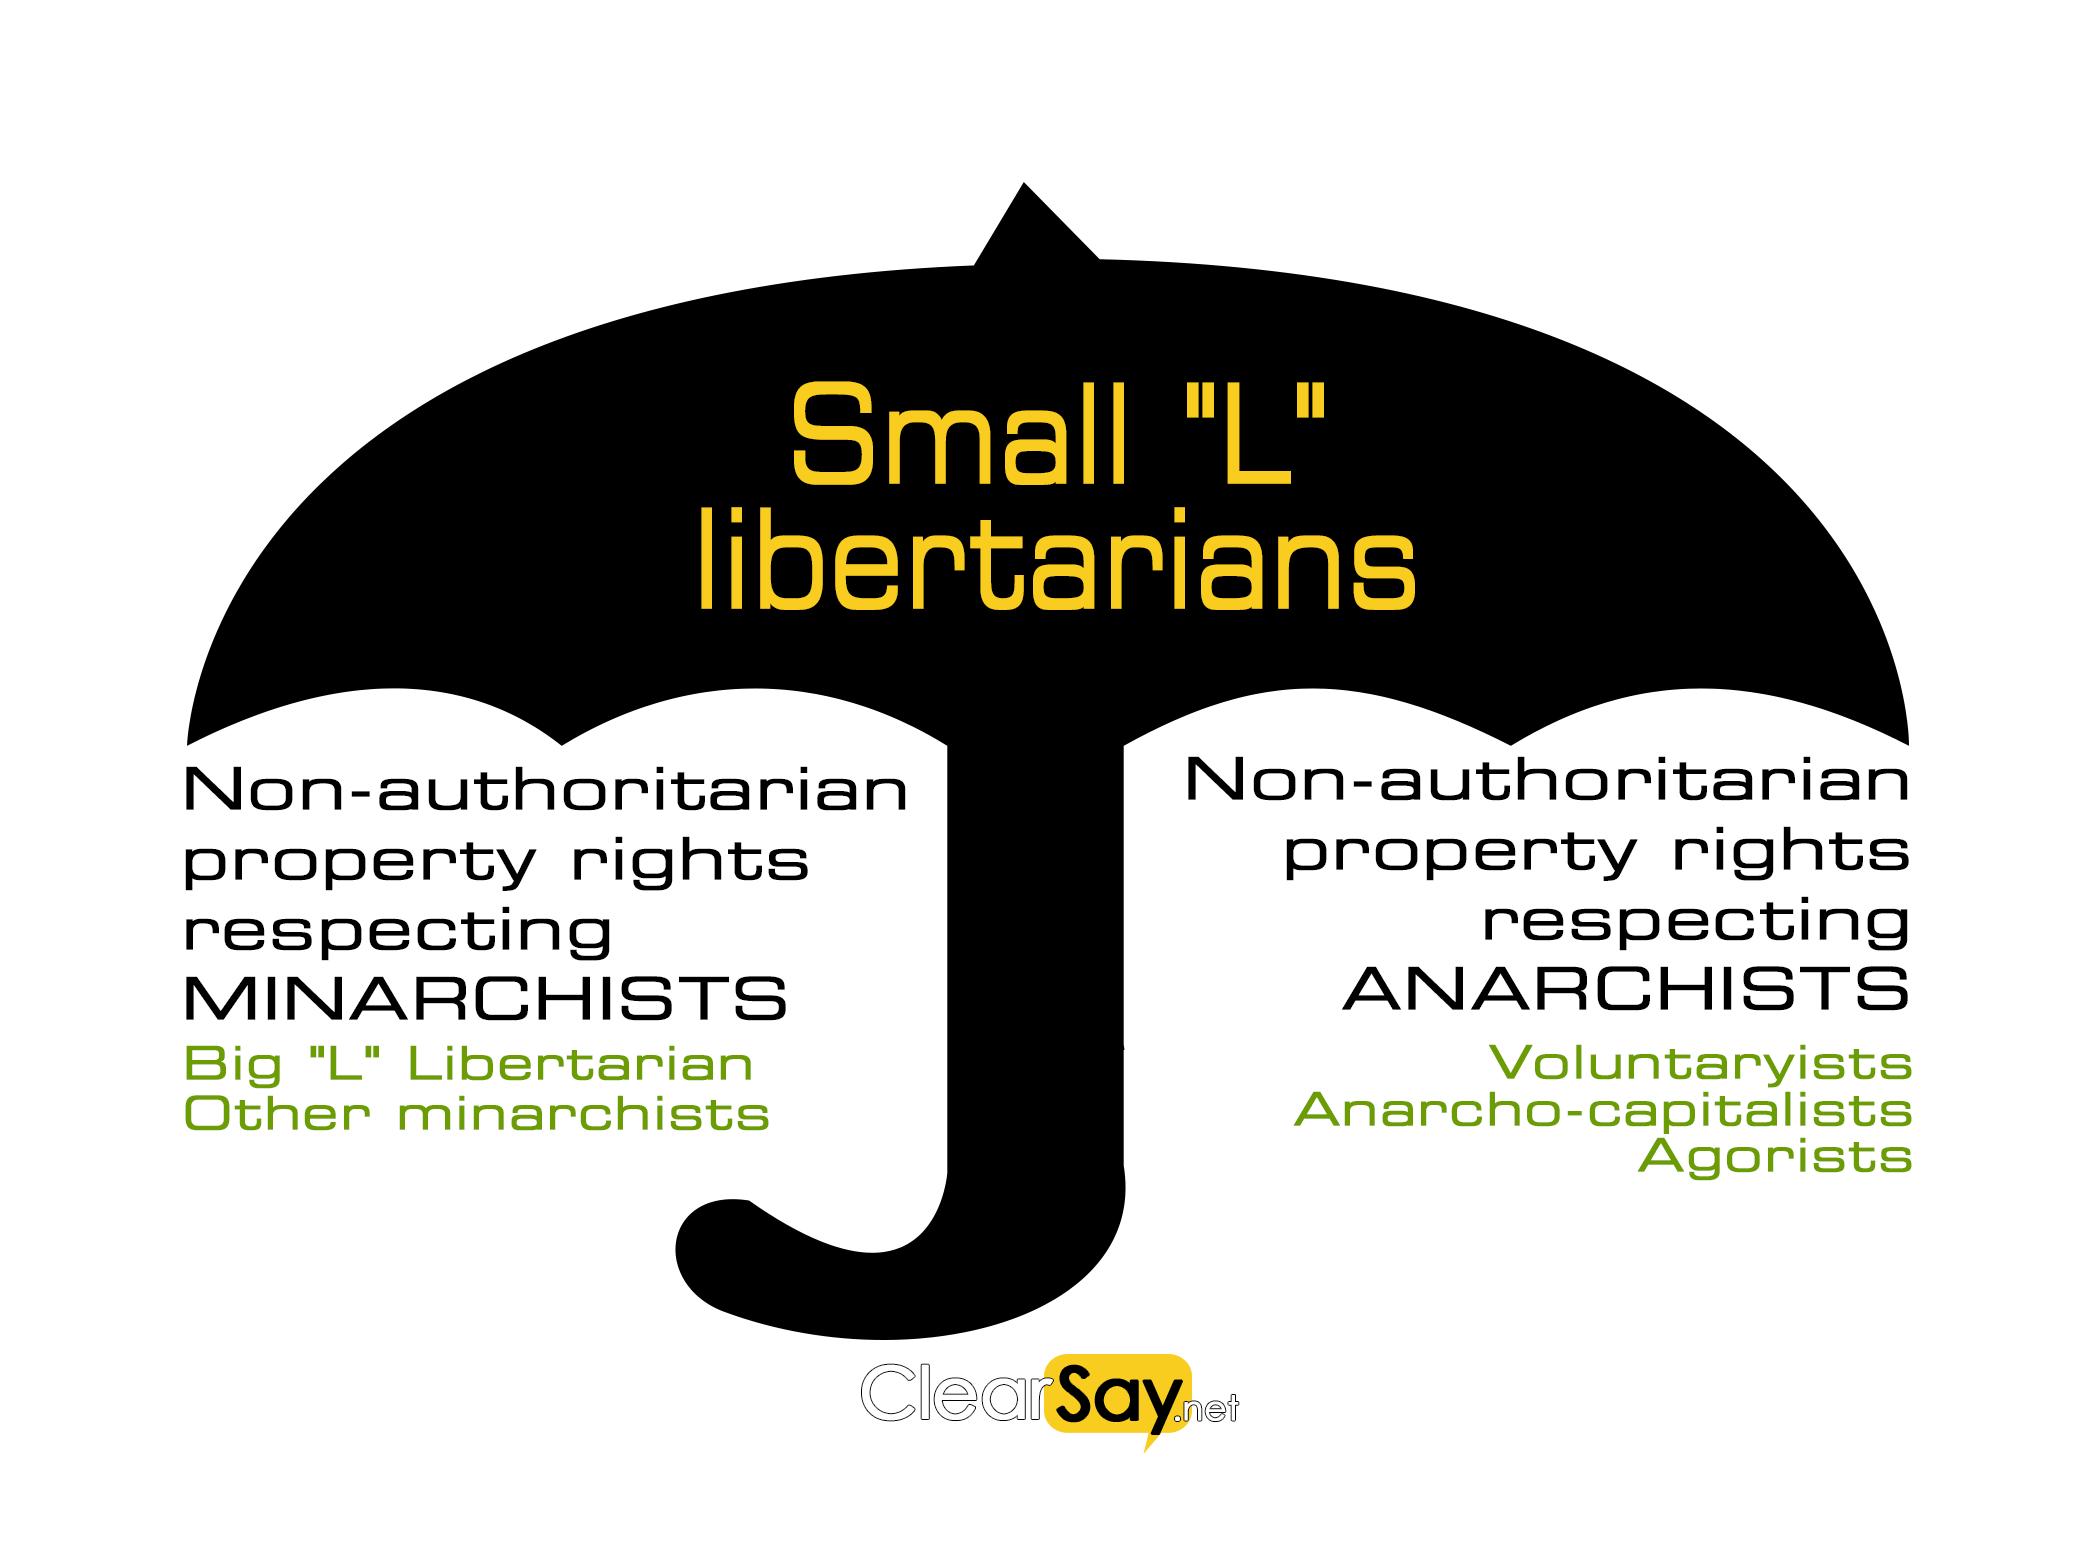 Types of libertarians